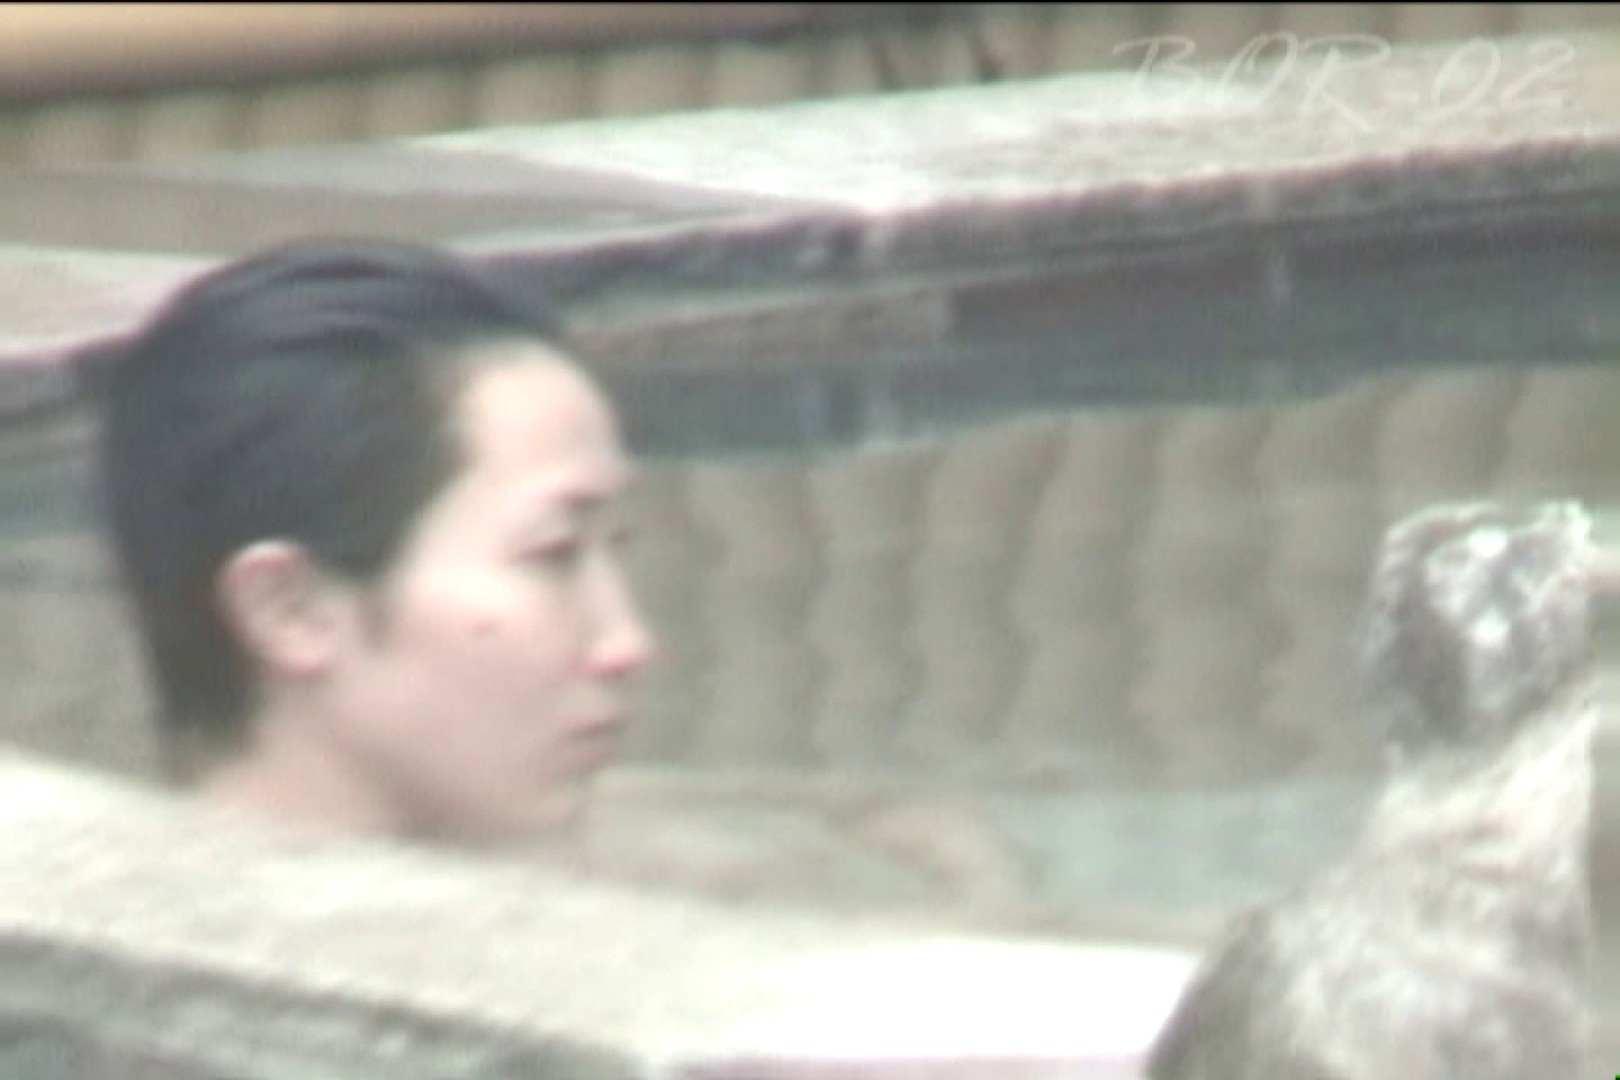 Aquaな露天風呂Vol.472 美しいOLの裸体 ヌード画像 83pic 23